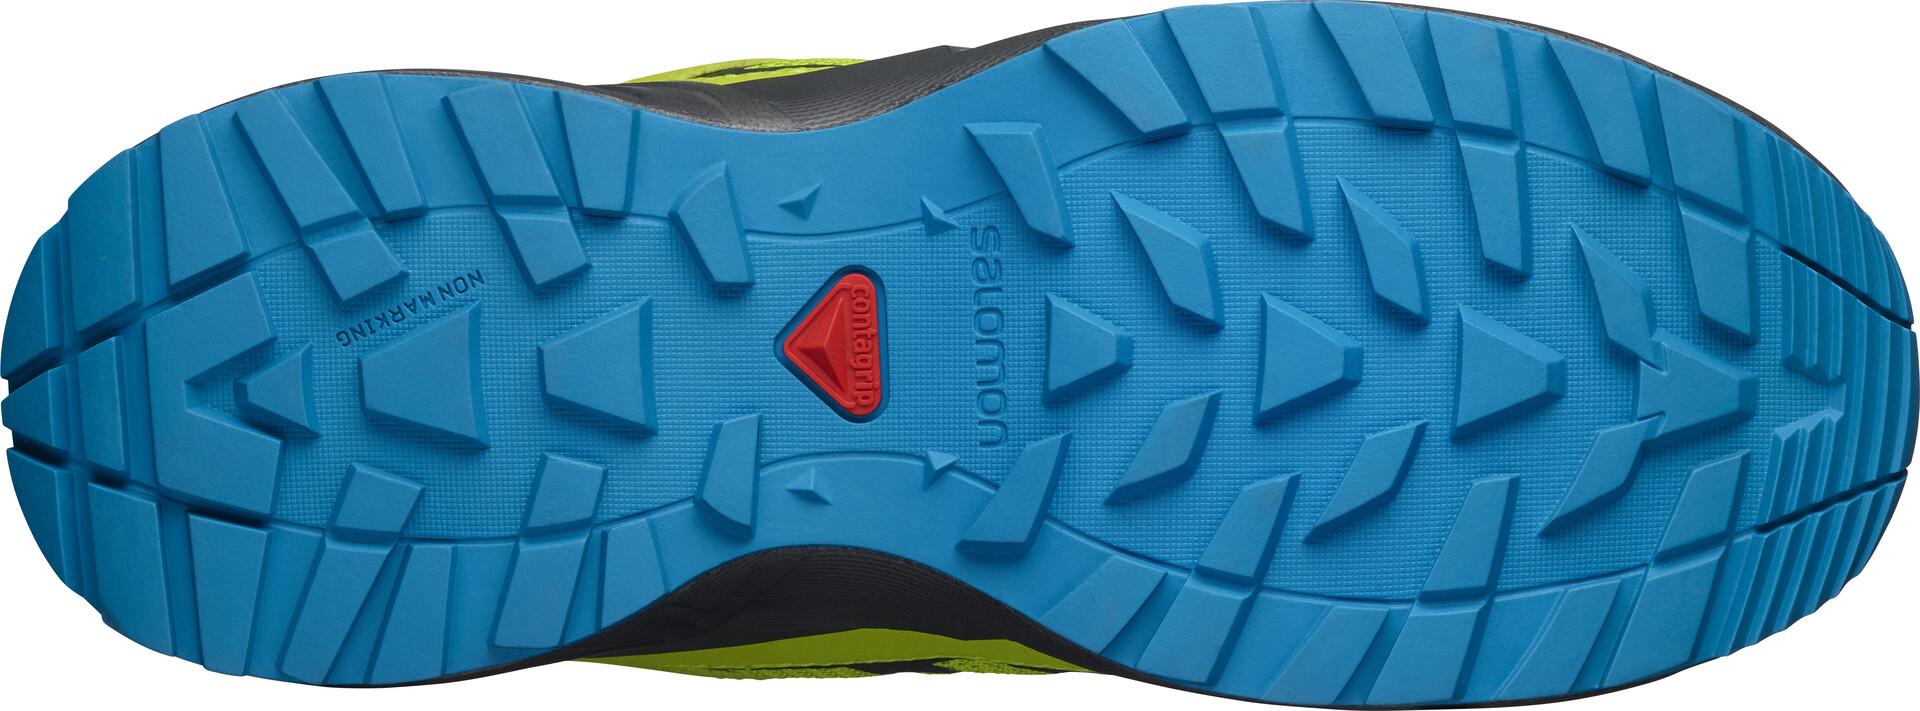 Salomon XA Elevate Shoes Kinder acid limeurban chichawaiian surf